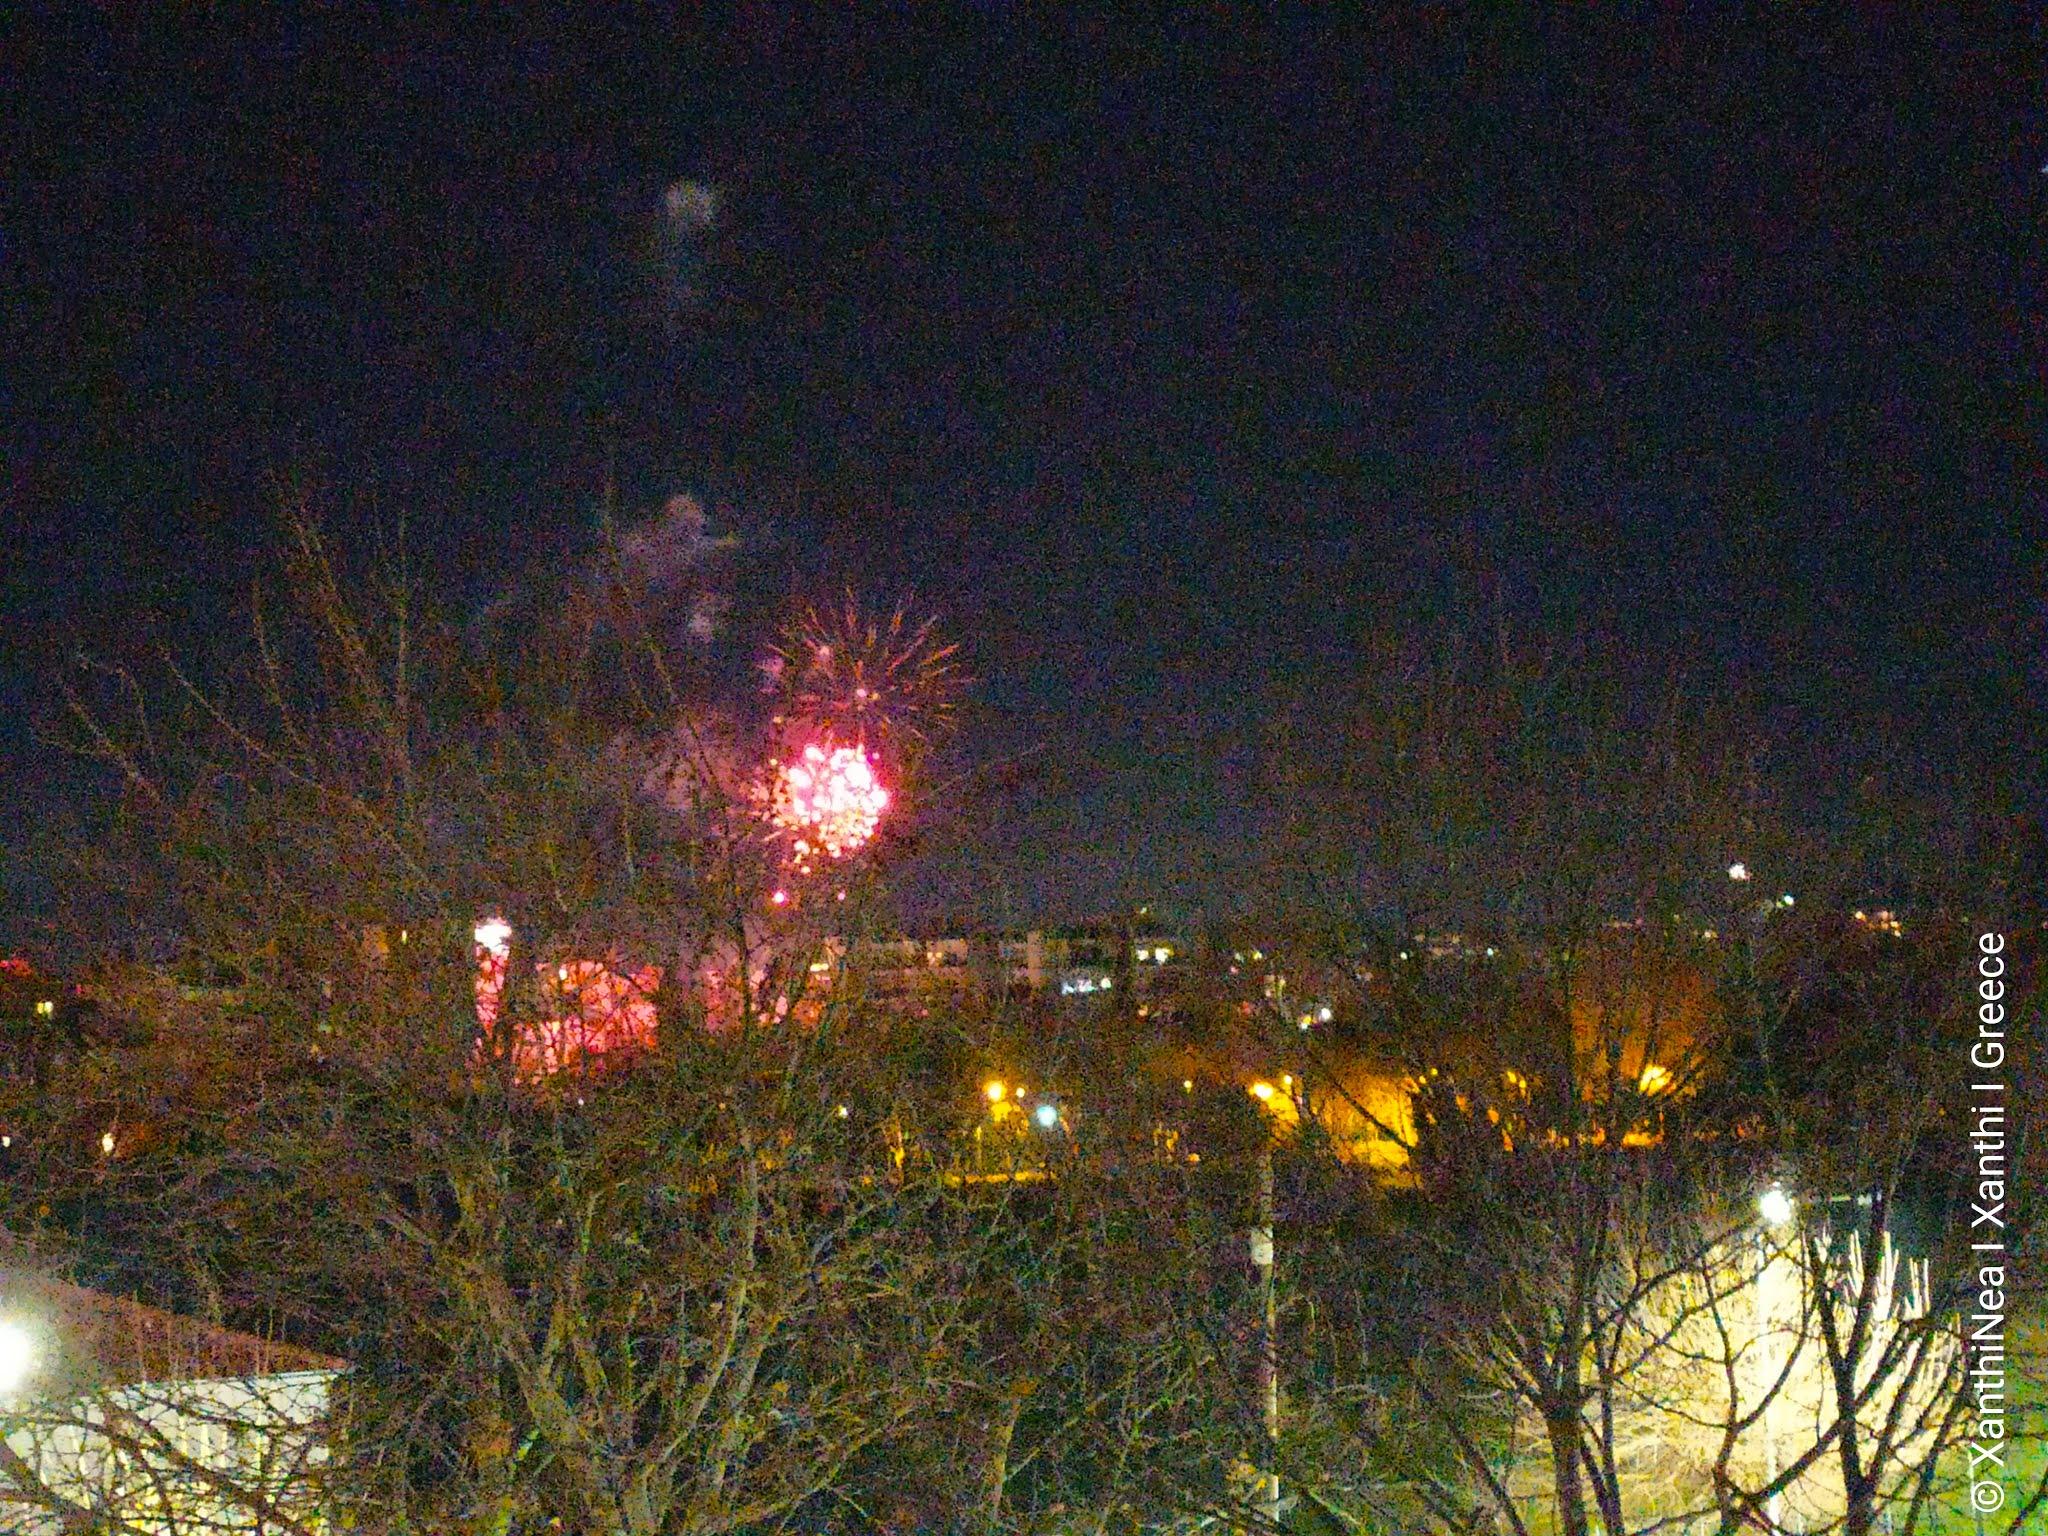 Με βροχή πυροτεχνημάτων η Ξάνθη υποδέχθηκε το 2021 - ΒΙΝΤΕΟ